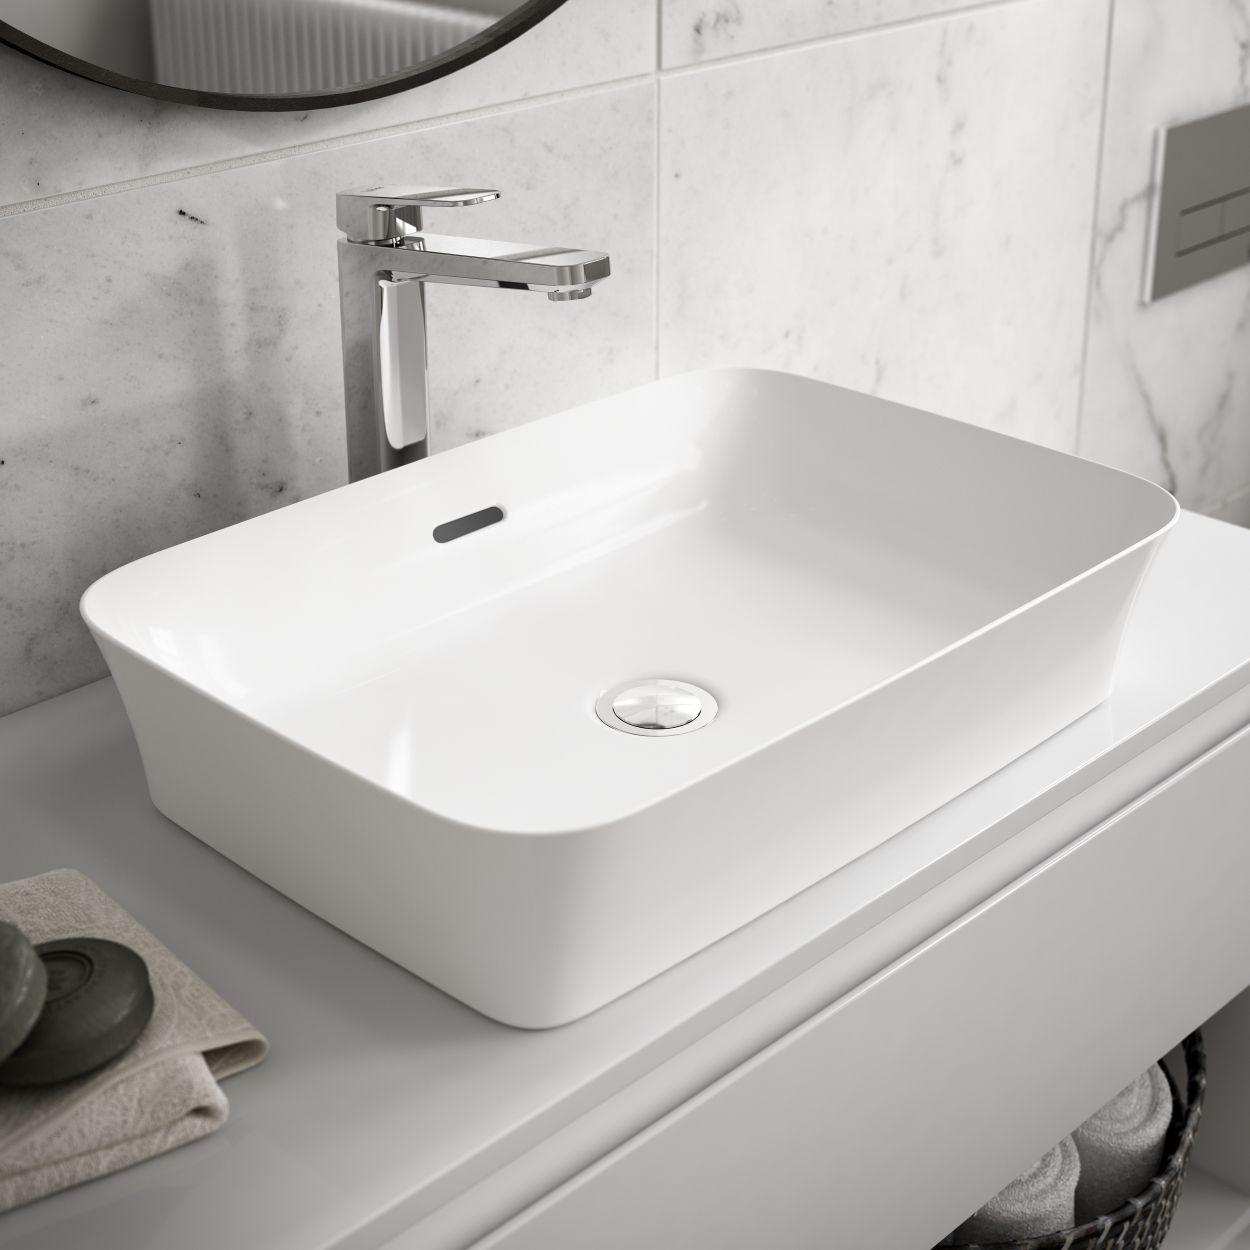 Ipalyss Waschtisch Serie Von Ideal Standard Kleine Badezimmer Ideal Standard Kleine Badezimmer Design